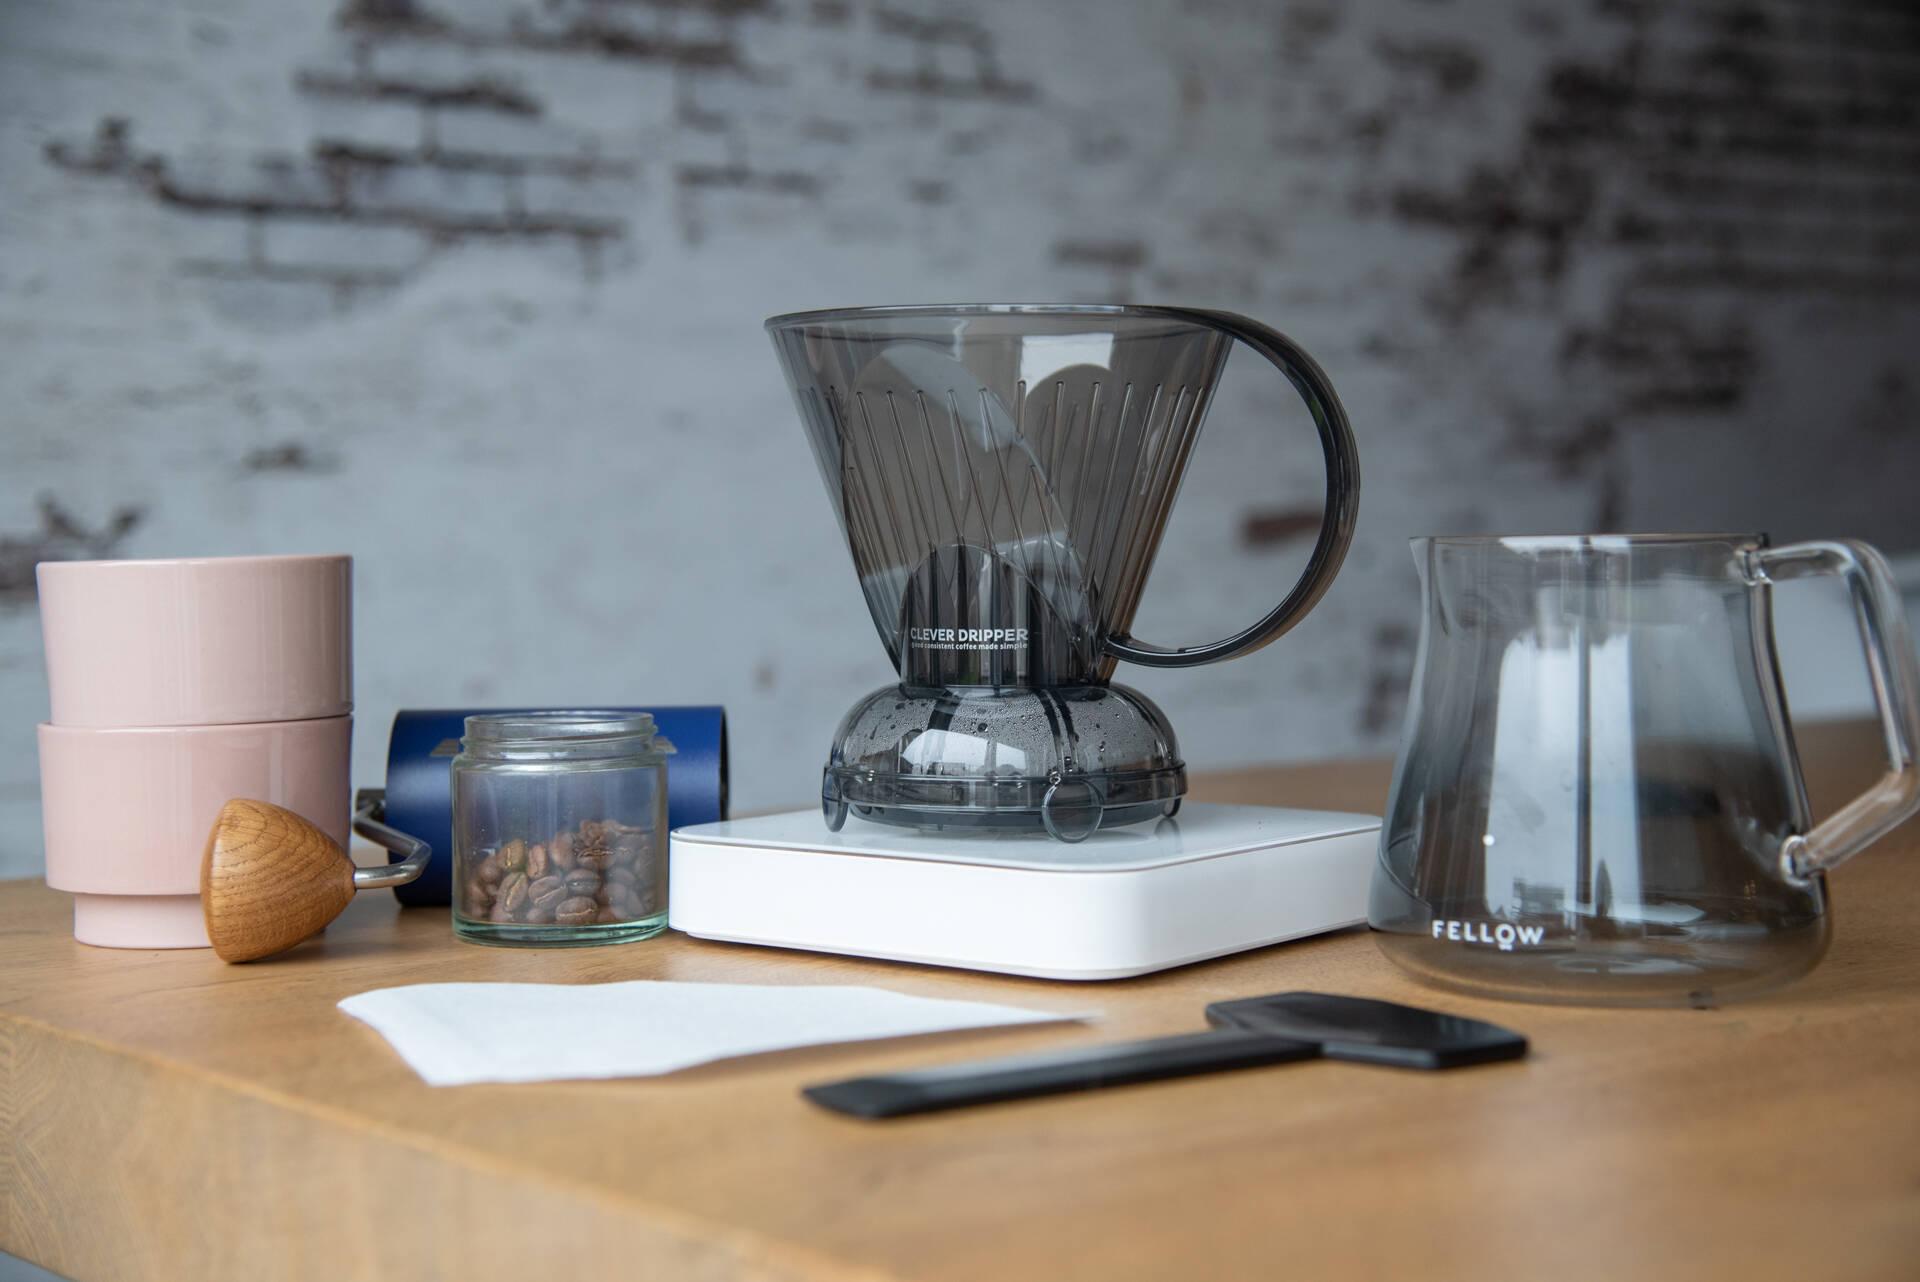 Hoe zet je koffie met een Clever Dripper?